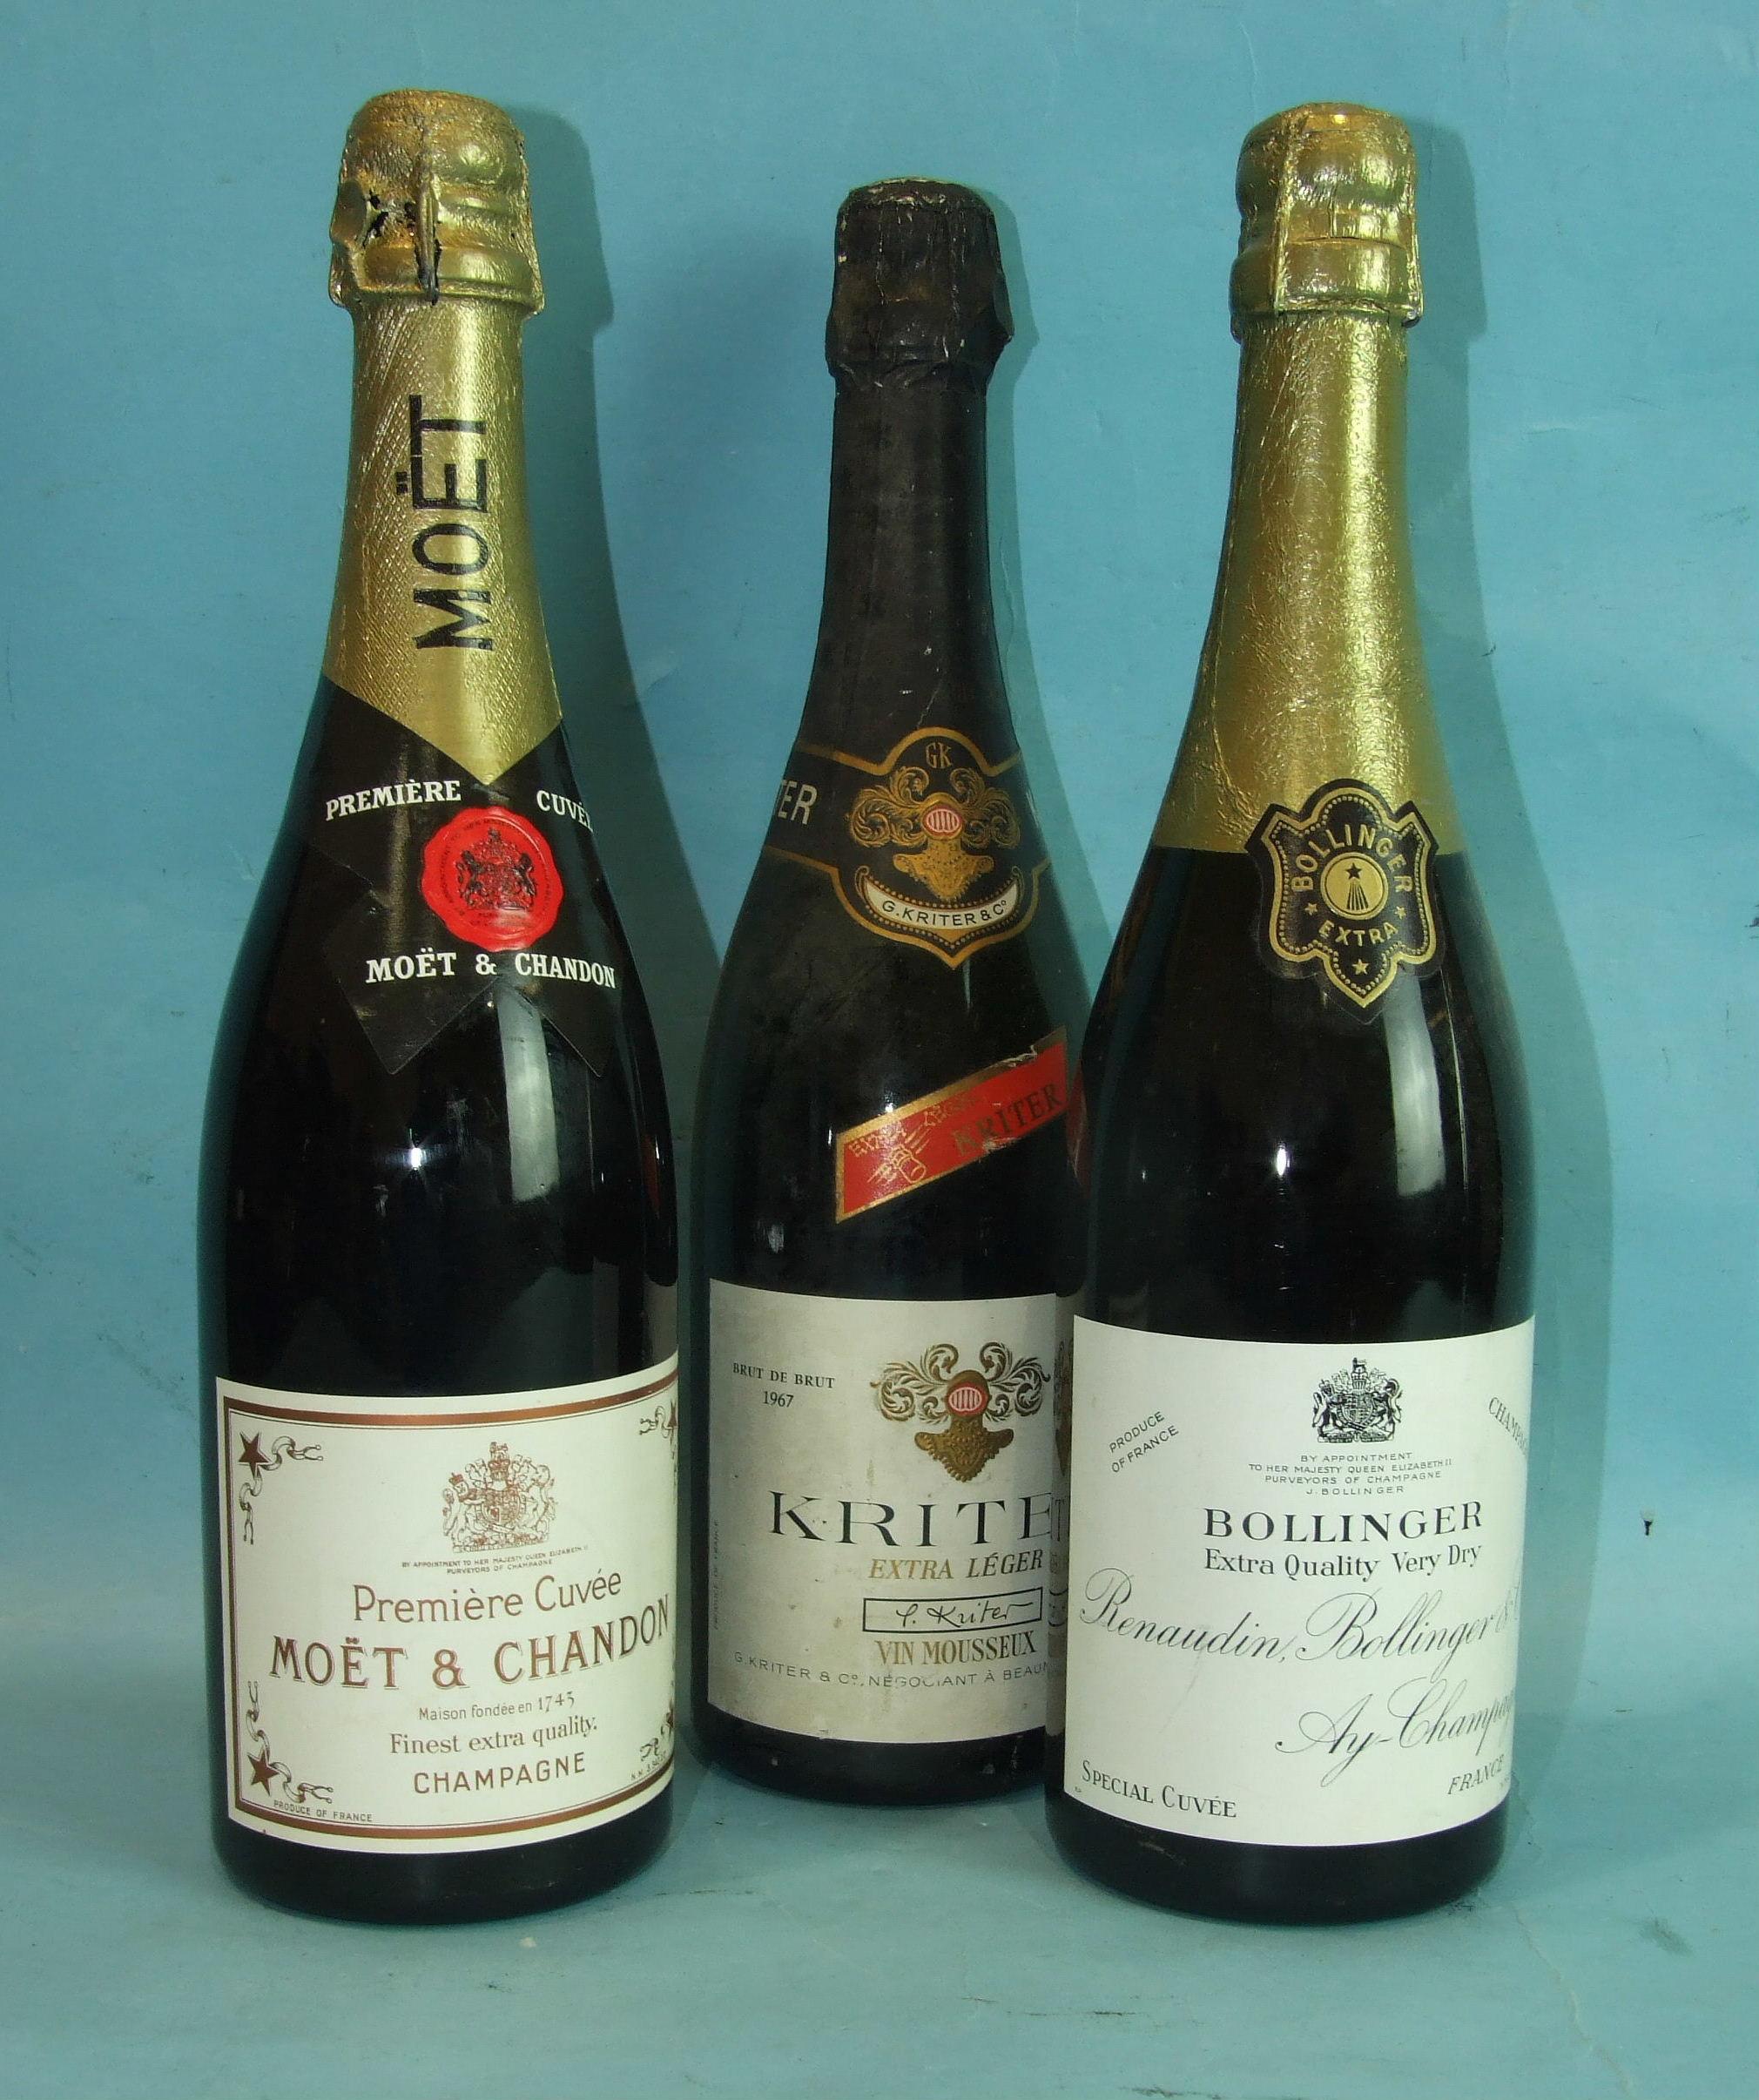 Lot 4 - Bollinger Extra Quality Very Dry Special Cuvée Champagne, one bottle, Moët et Chandon Premiere Cuvée